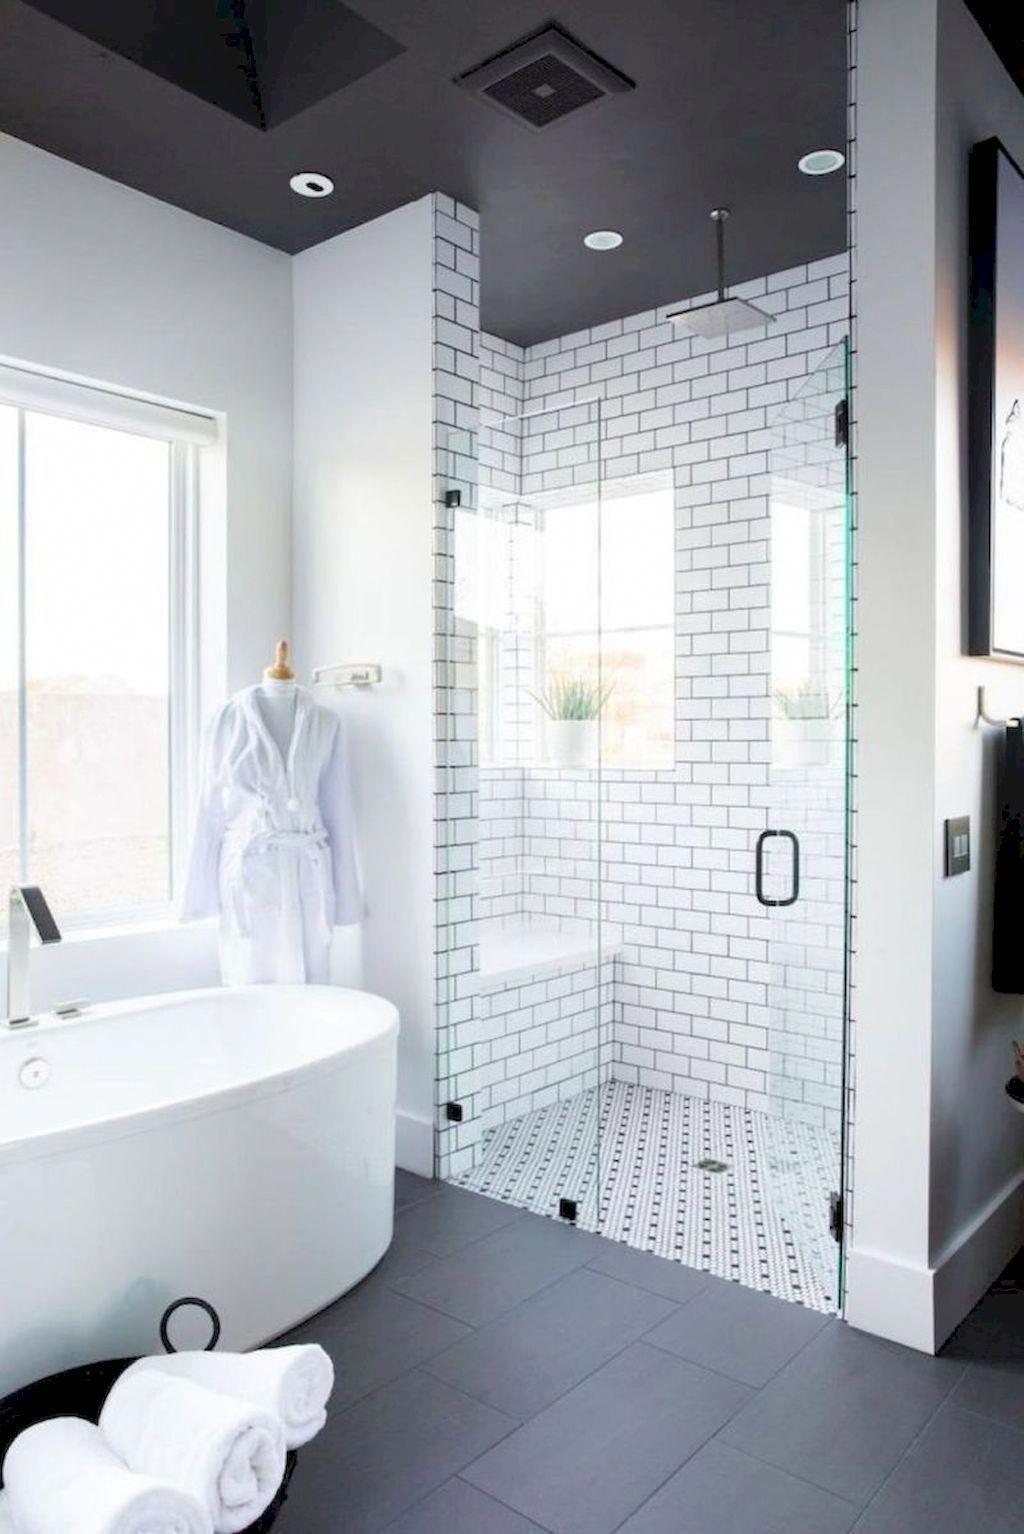 Basement Bathroom No Window Basementideaswithfireplace Basementremodel Bathroom Remodel Shower Bathroom Remodel Master Bathrooms Remodel